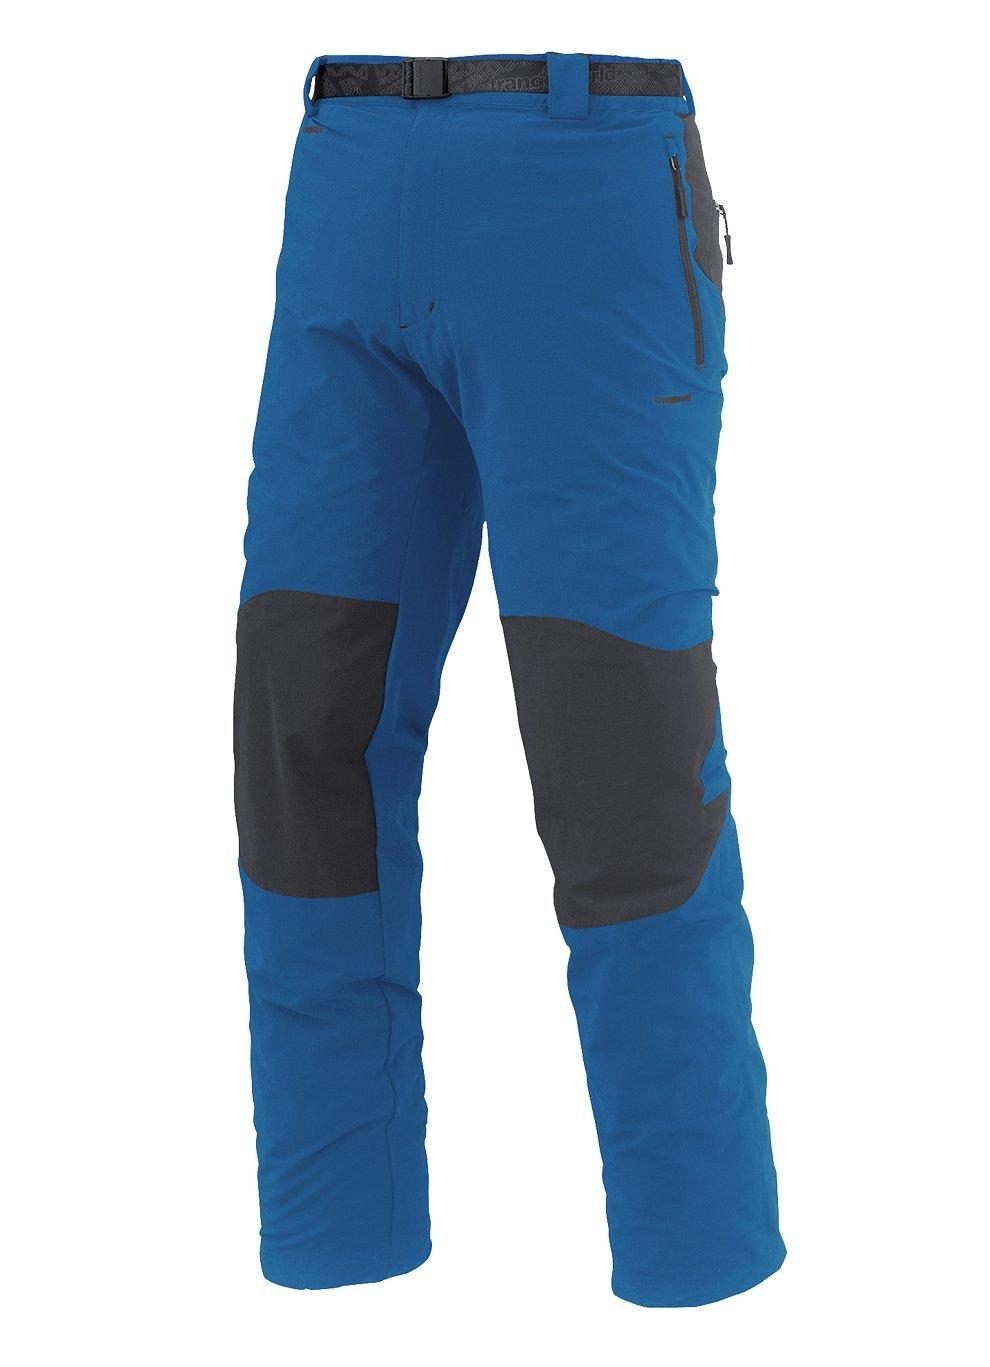 Bleu foncé Trangoworld Hoan Pantalons Longs XXL